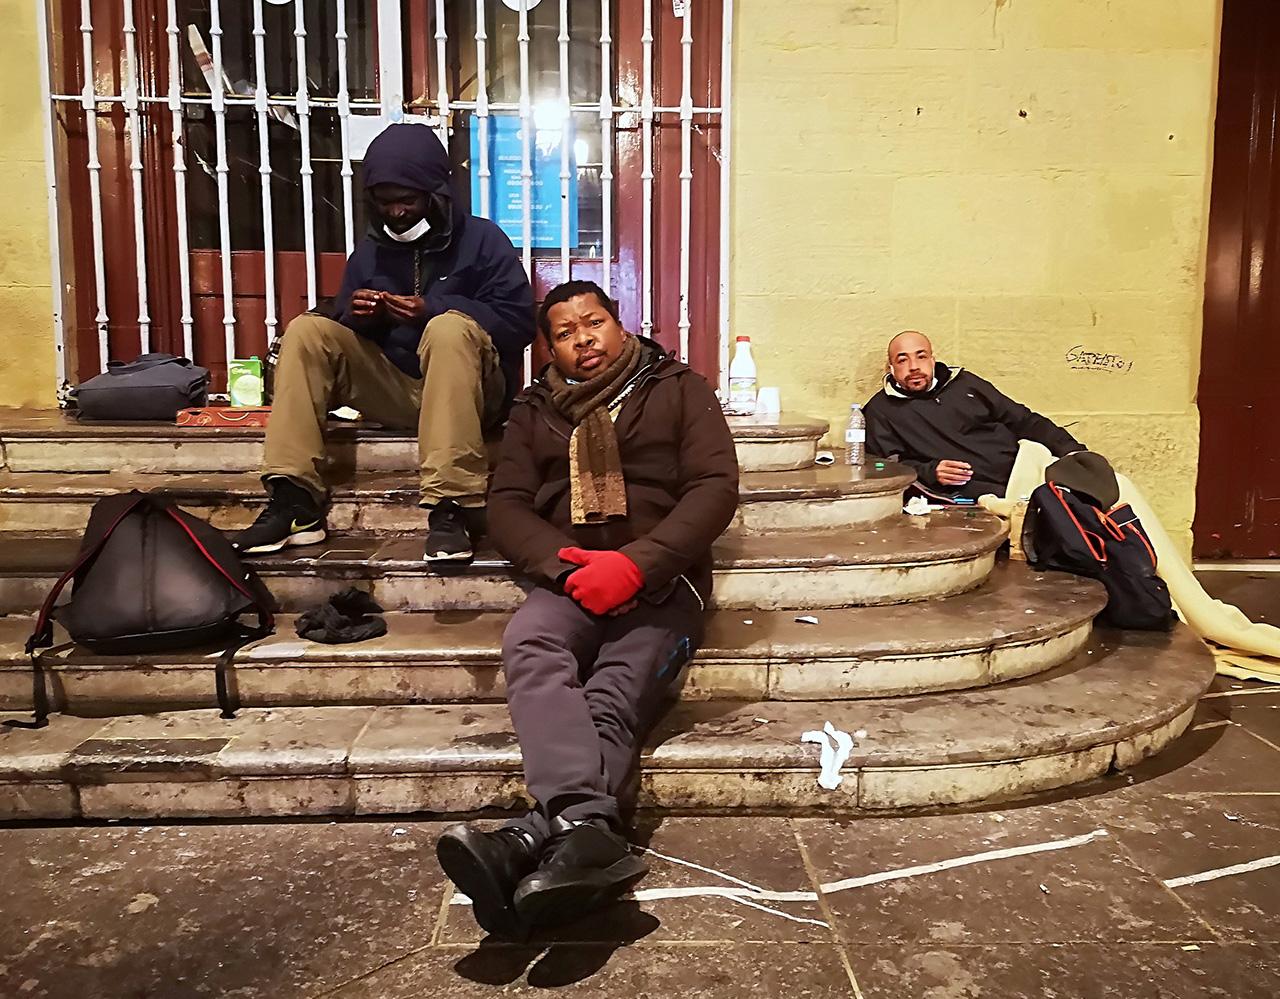 John, Rasta y Mohammed duermen estas frías noches en la plaza de la Constitución de Donostia. Fotos: Jon Pagola